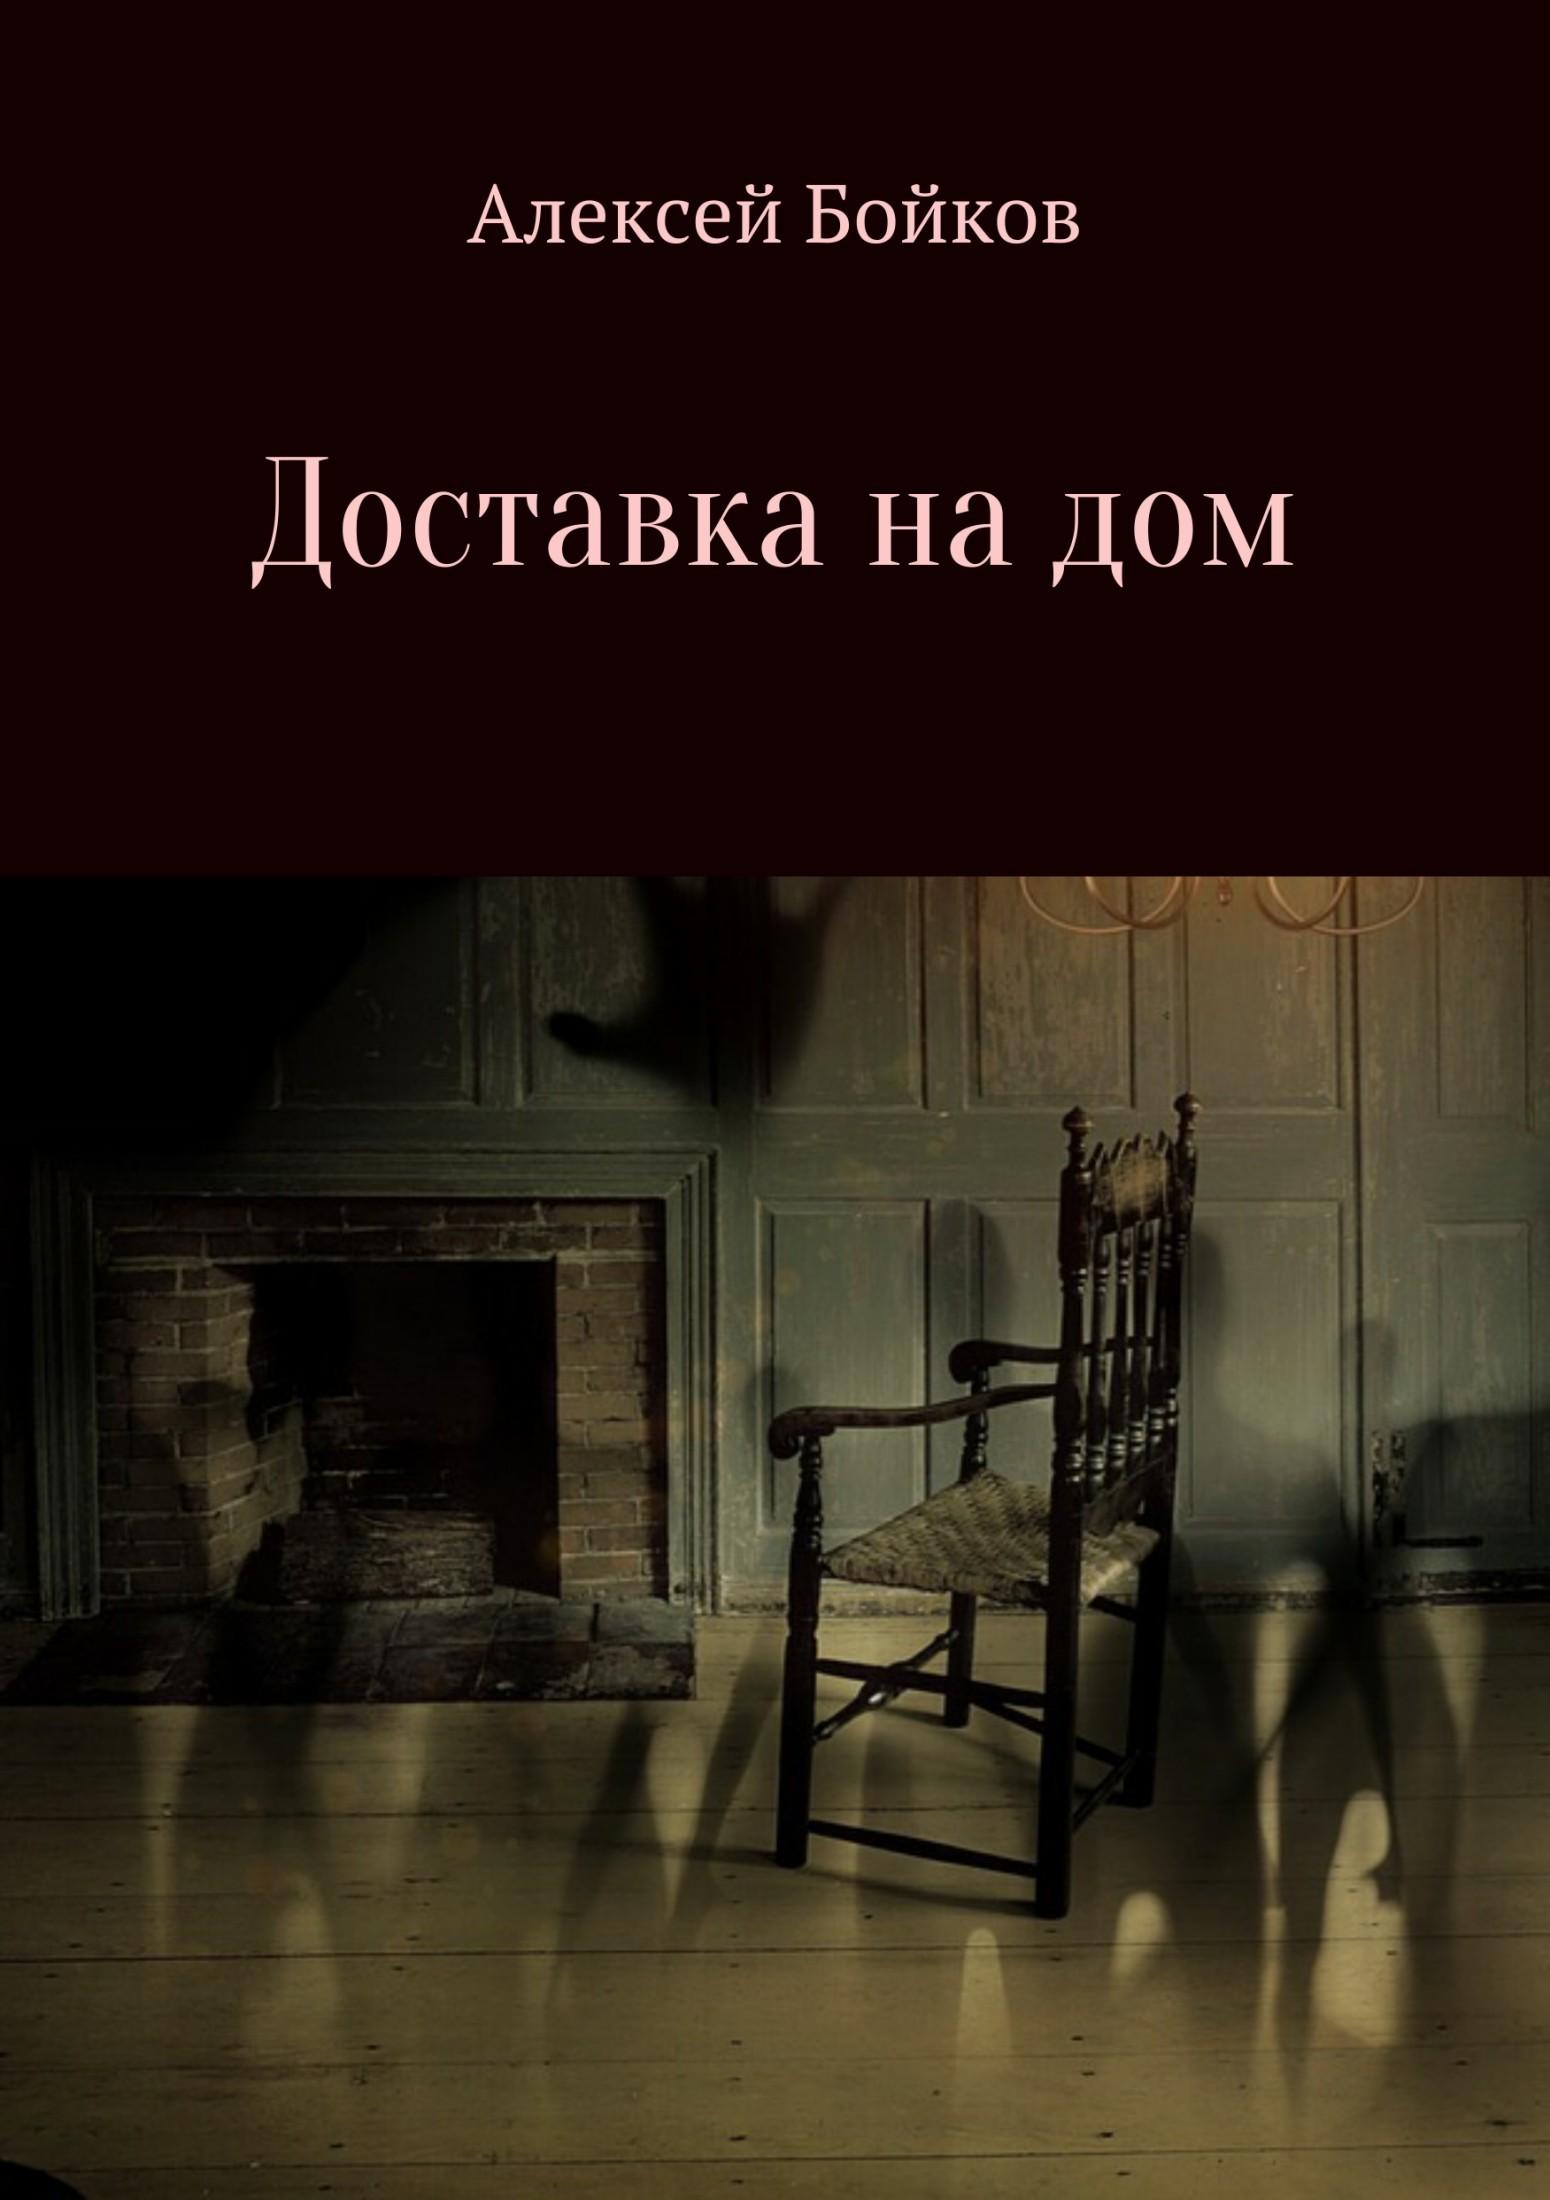 Обложка книги Доставка на дом, автор Алексей Владимирович Бойков